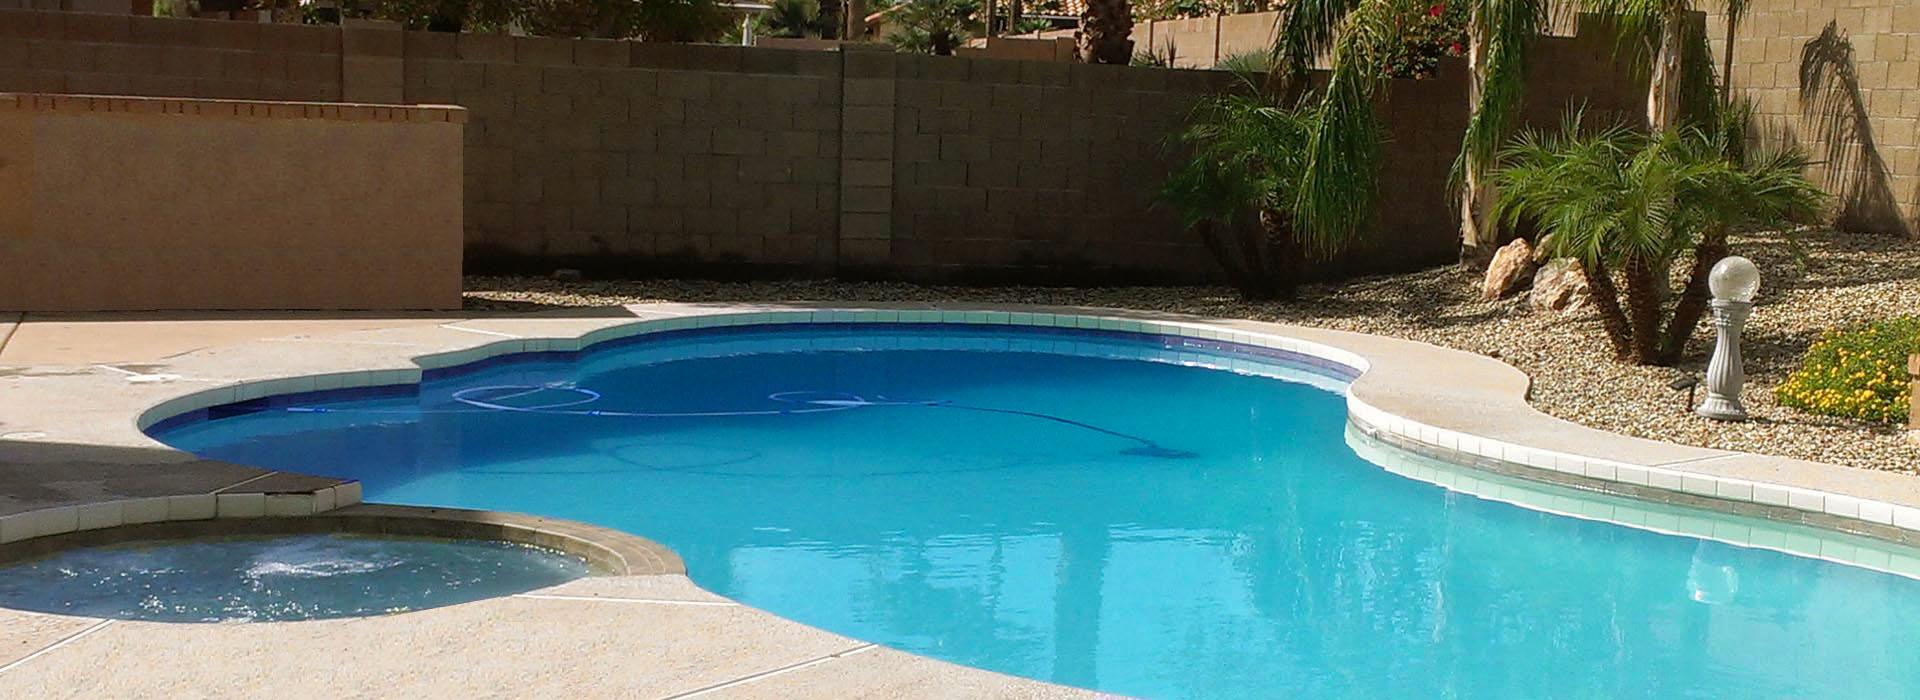 Ahwatukee pool maintenance service repair brian 39 s for Pool maintenance